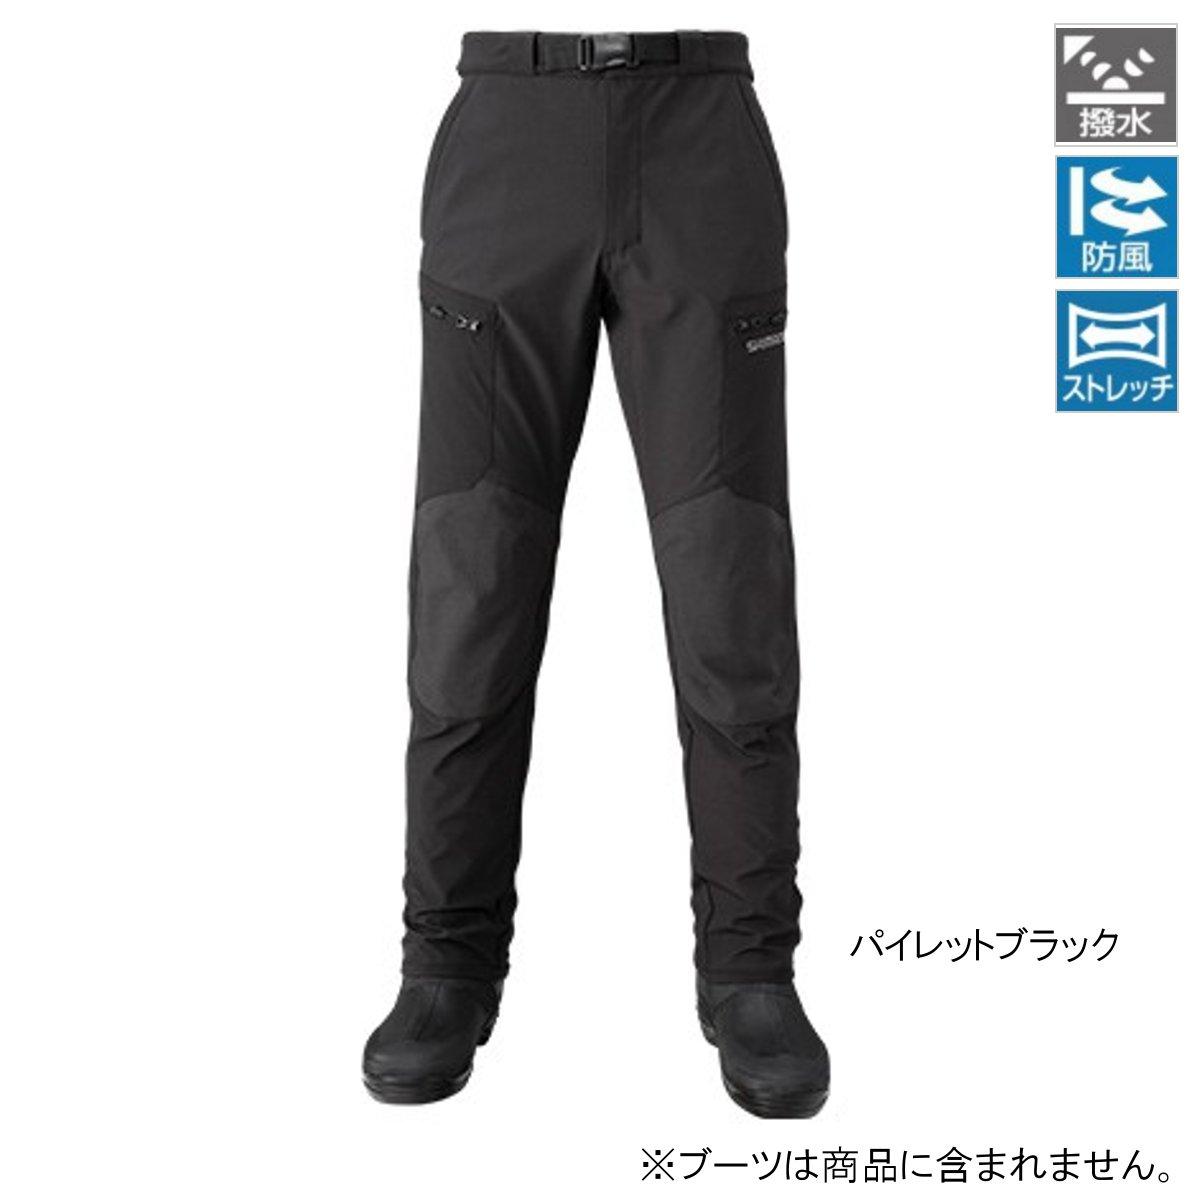 シマノ 防風ストレッチパンツ PA-045Q XL パイレットブラック(東日本店)